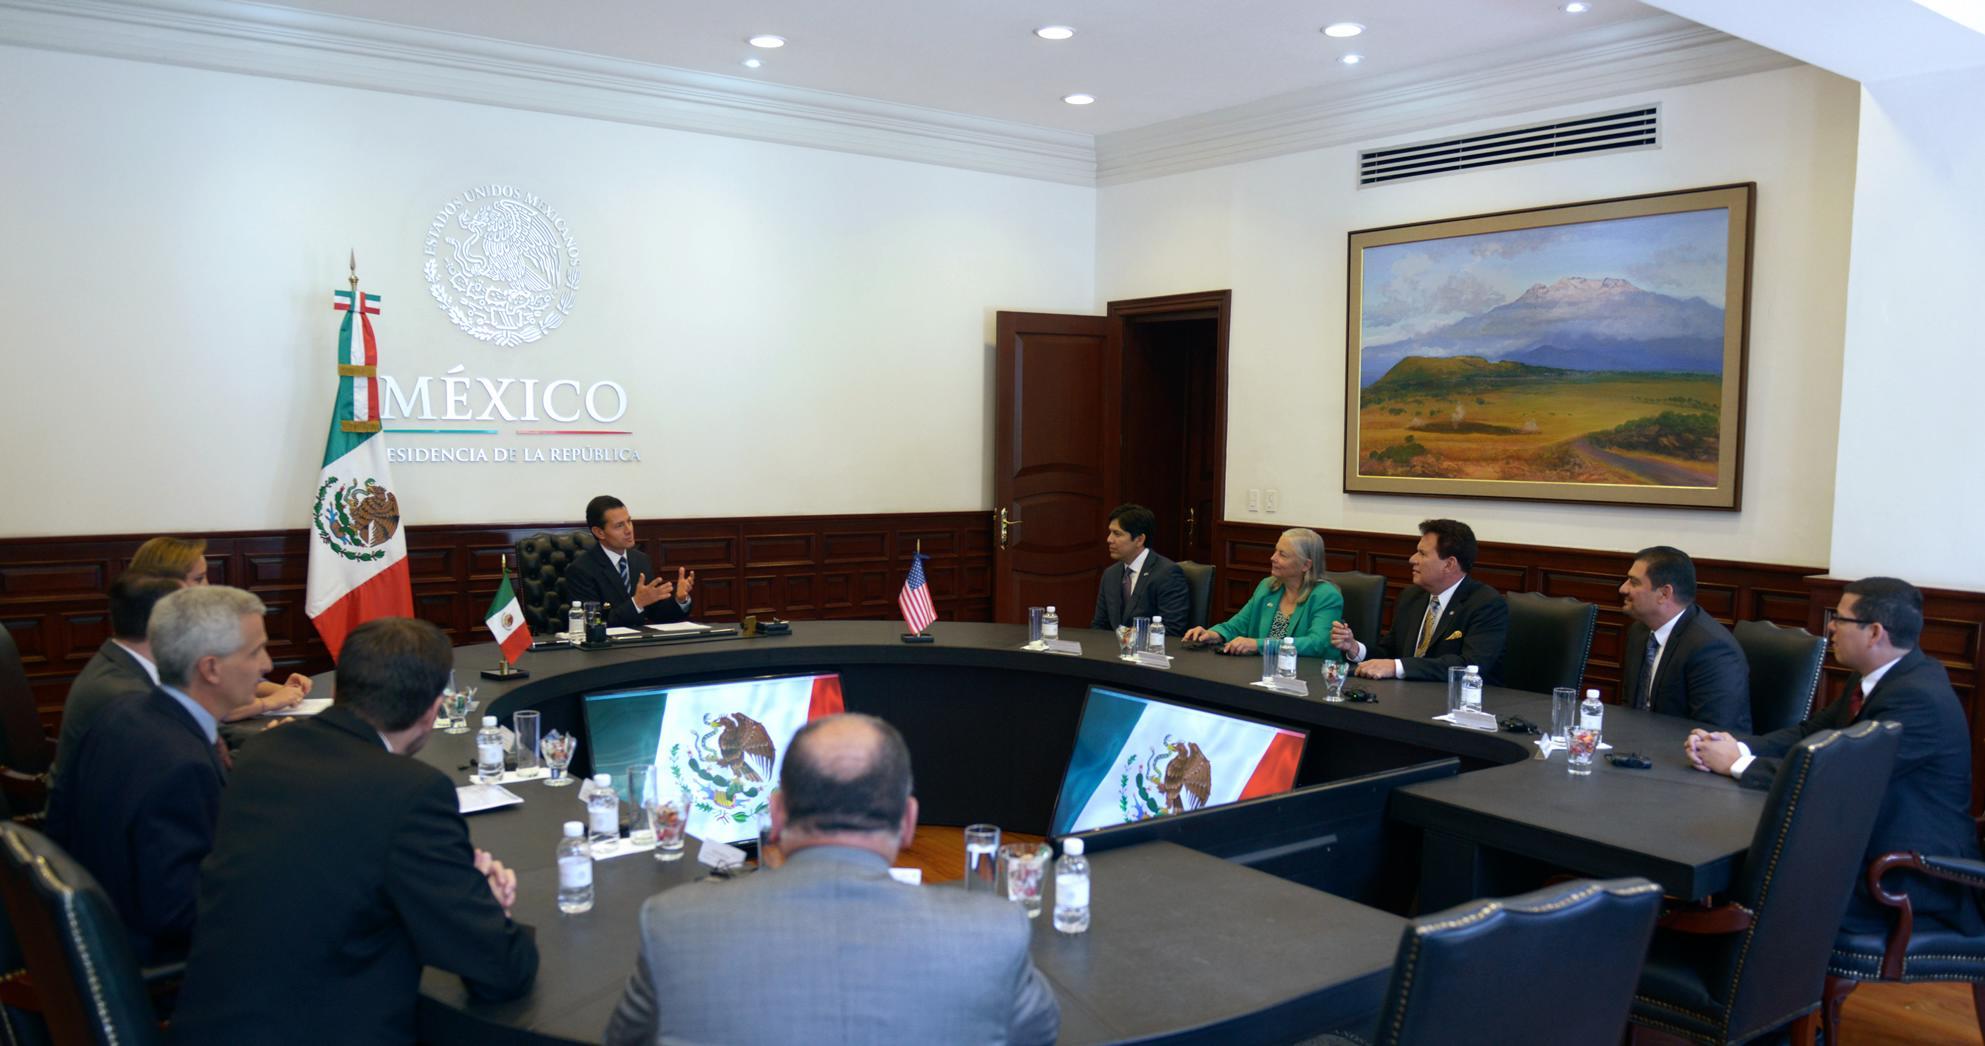 El Primer Mandatario refrendó el compromiso del Gobierno de la República con la protección y el respeto de los derechos de los mexicanos en los Estados Unidos de América.